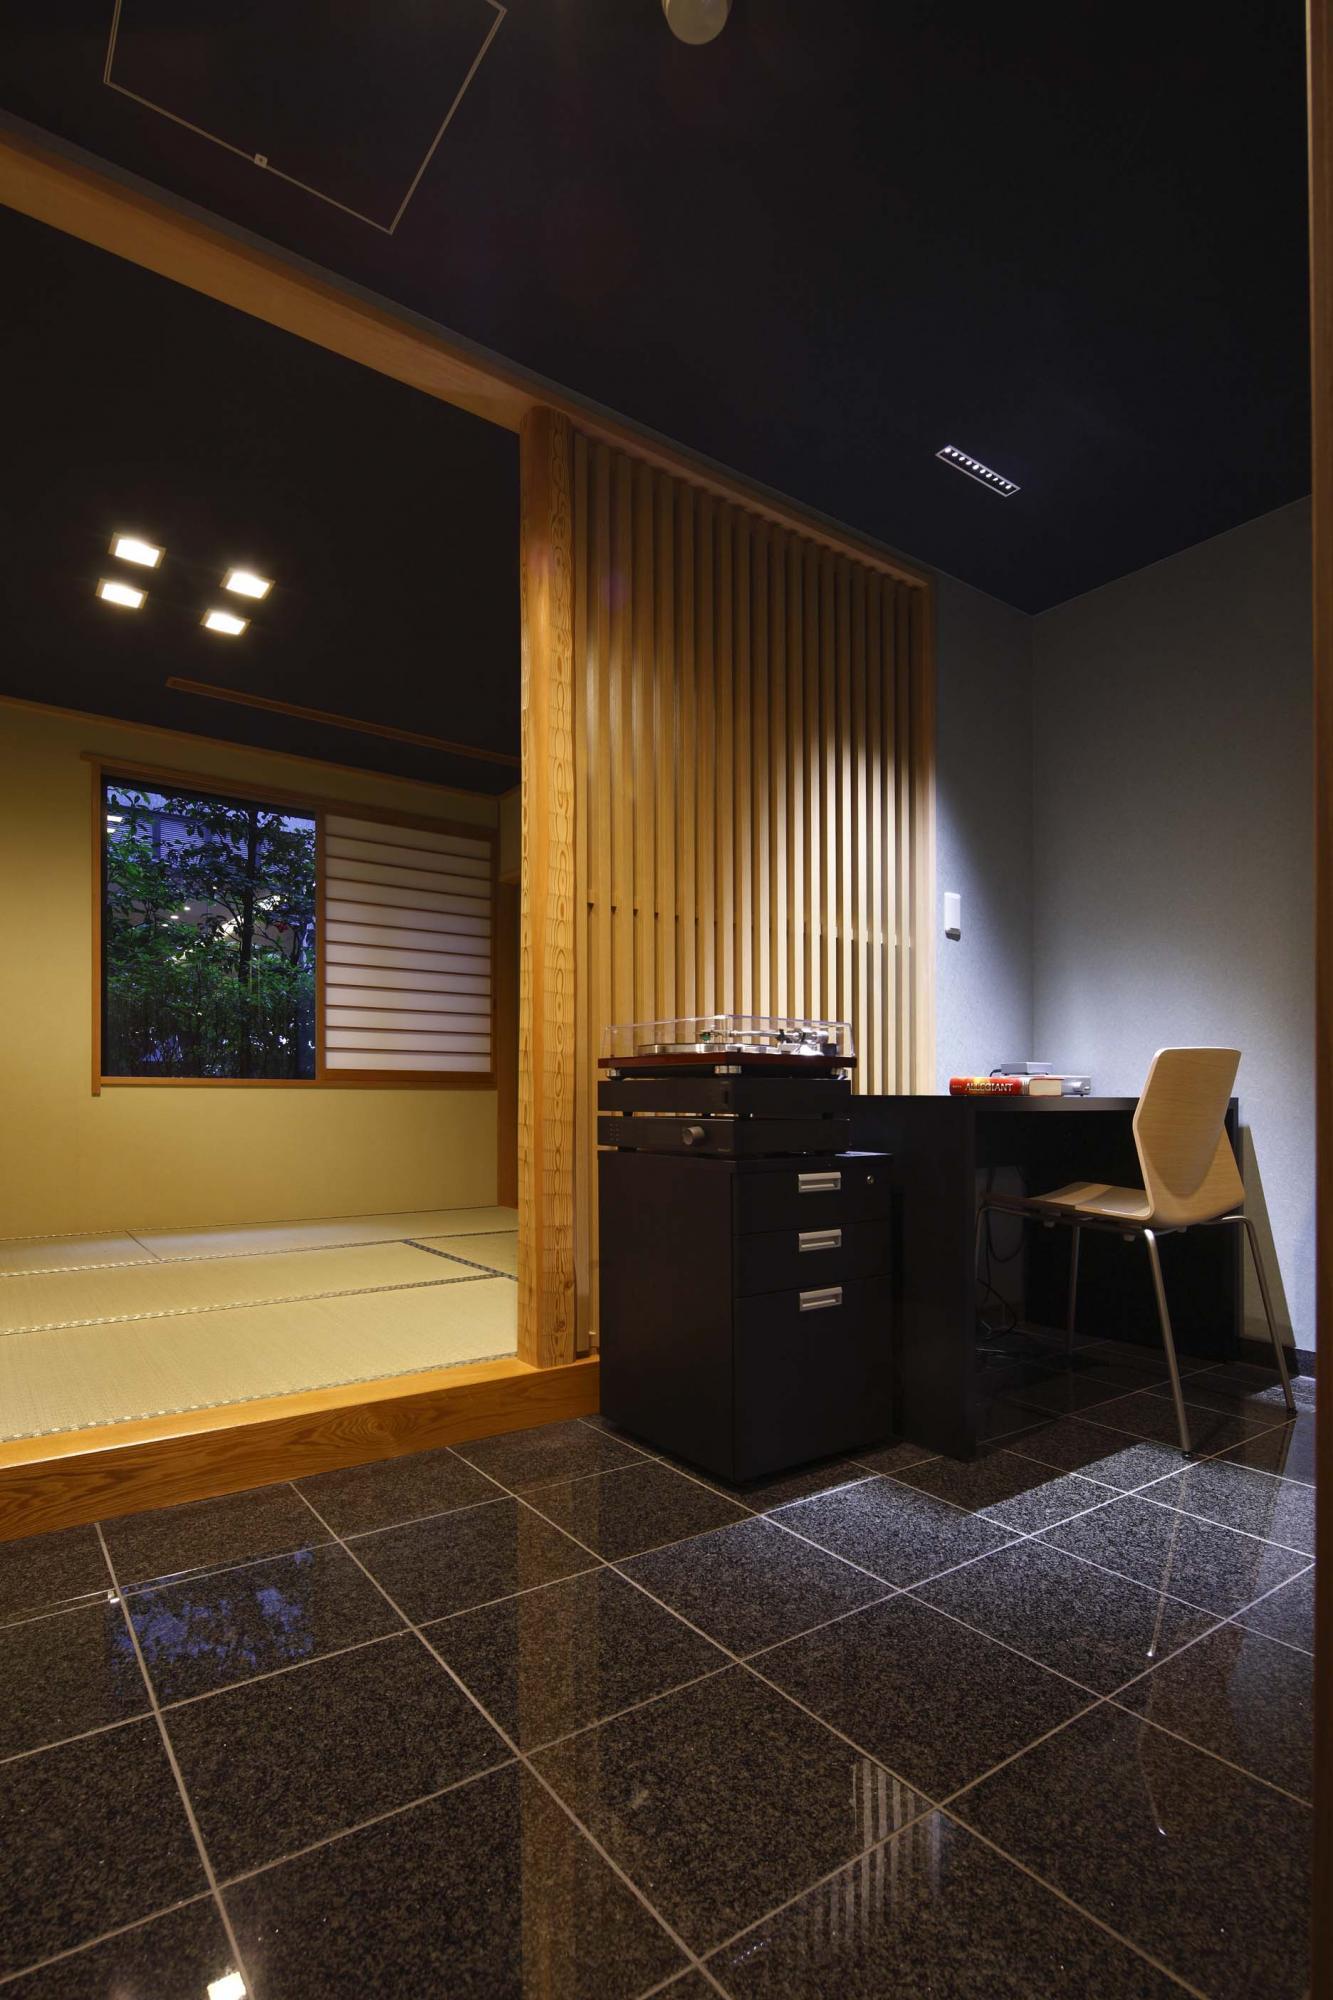 和室はリフォームして息子さんの部屋とし、黒い御影石のタイルを敷いたスペースには勉強机を配置した。間仕切りとして使用した木格子は部屋のアクセントに。